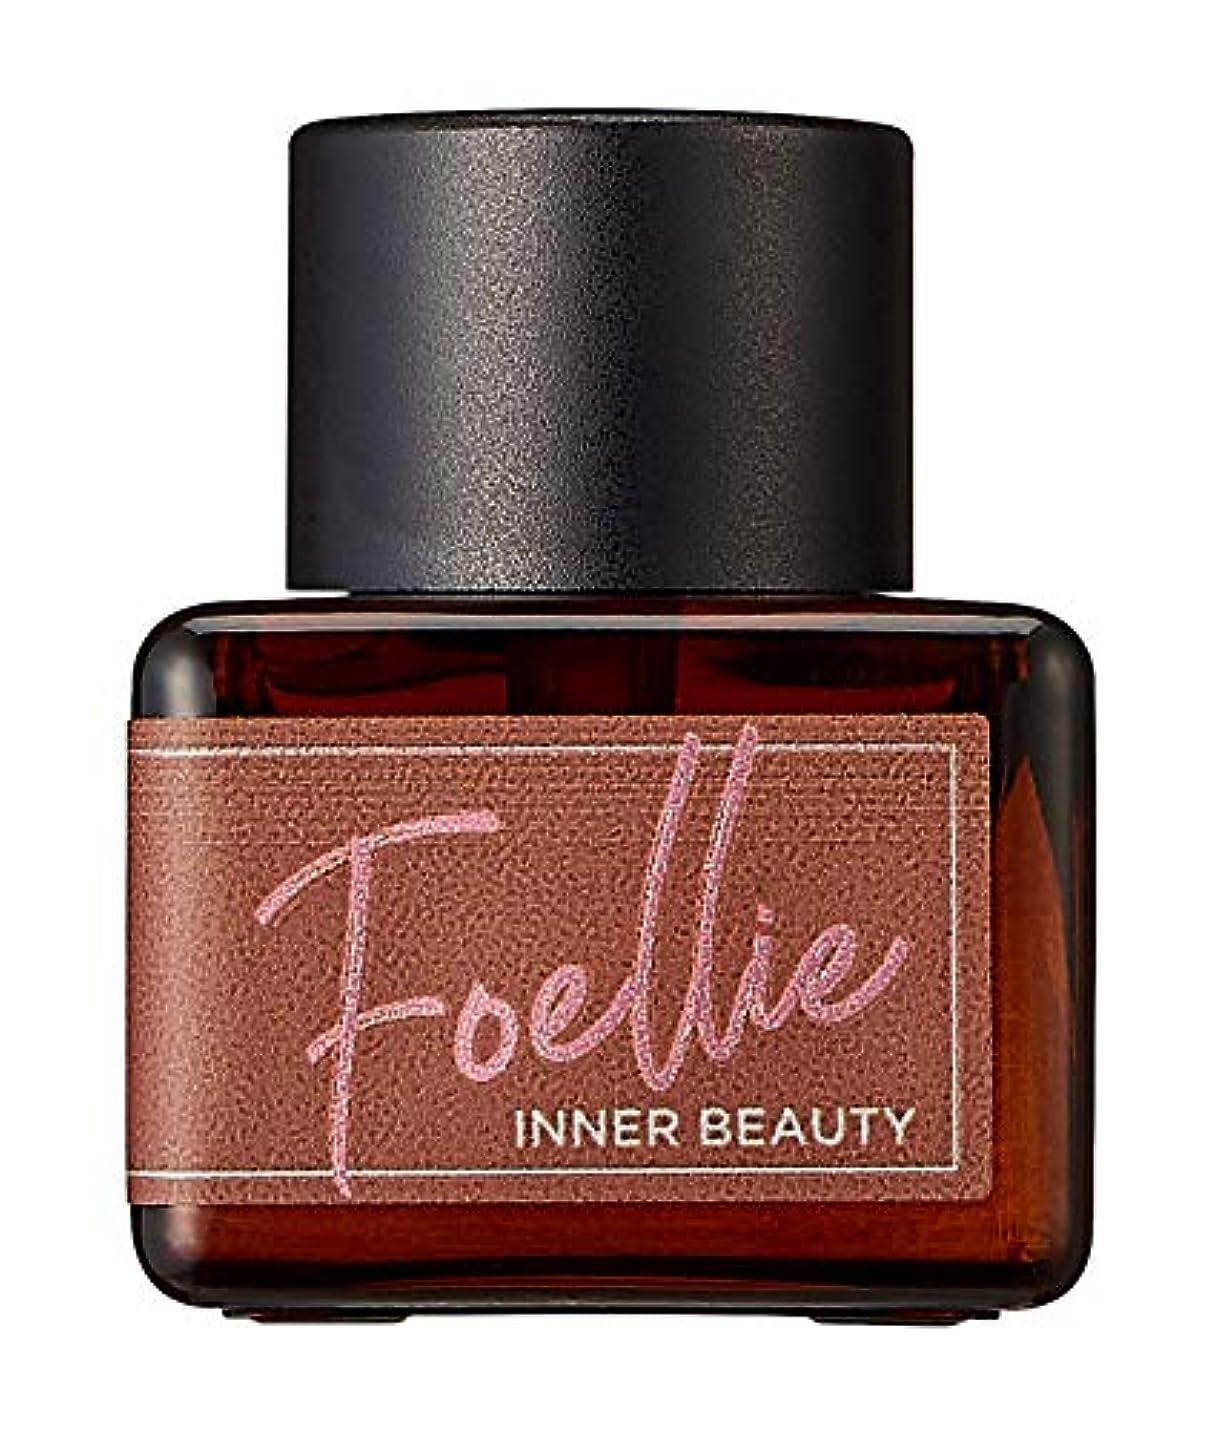 上院議員慈悲深い地雷原[フォエリー(FOELLIE)] eau de foret オードフォーレ – フェミニン、インナービューティー香水(下着用)、ウッディで爽快な森林のような香水 5ml(0.169 fl oz)